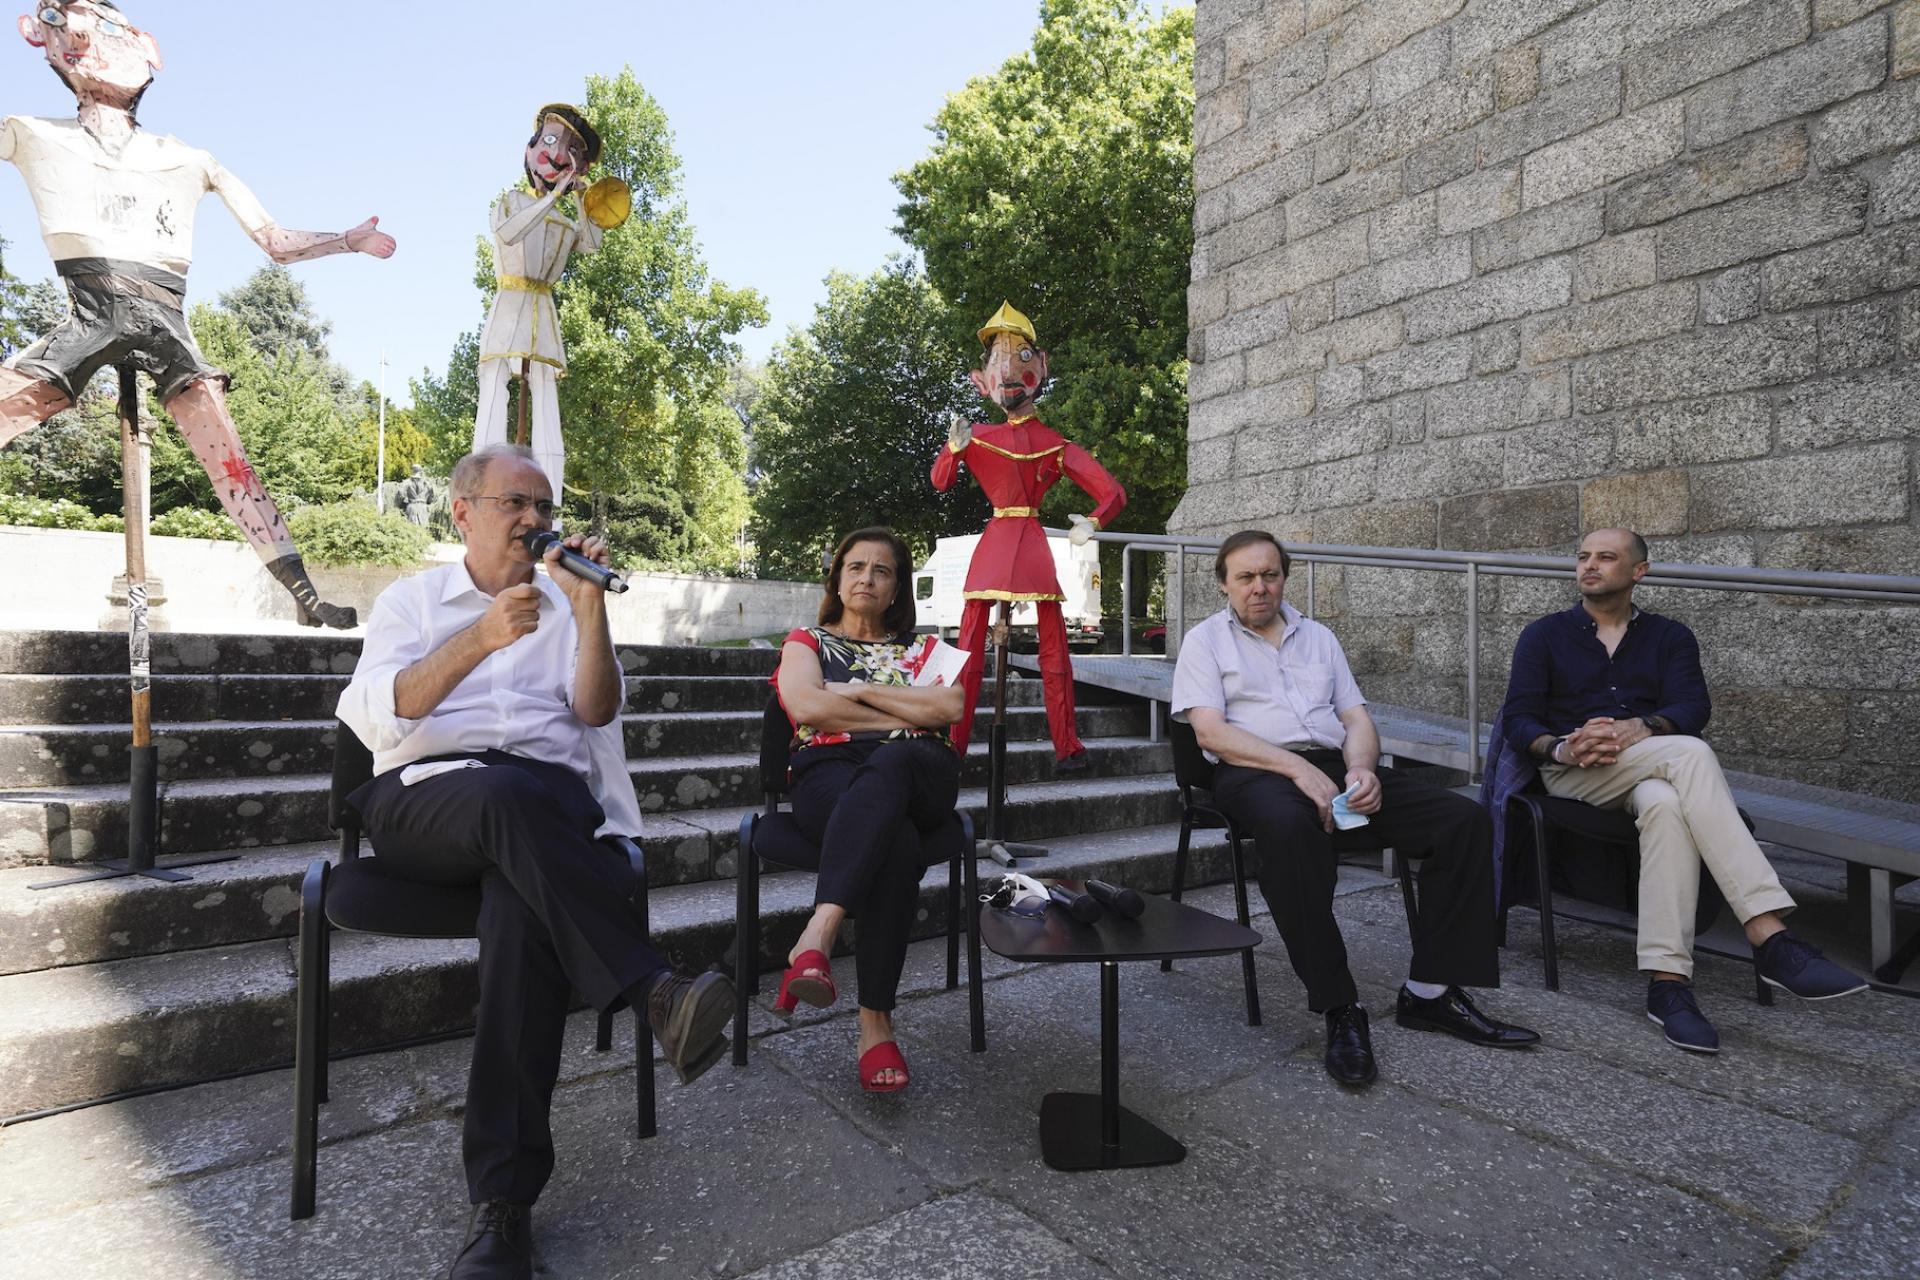 LC_Blog_Guimarães assinala Festas Gualterianas com programa simbólico